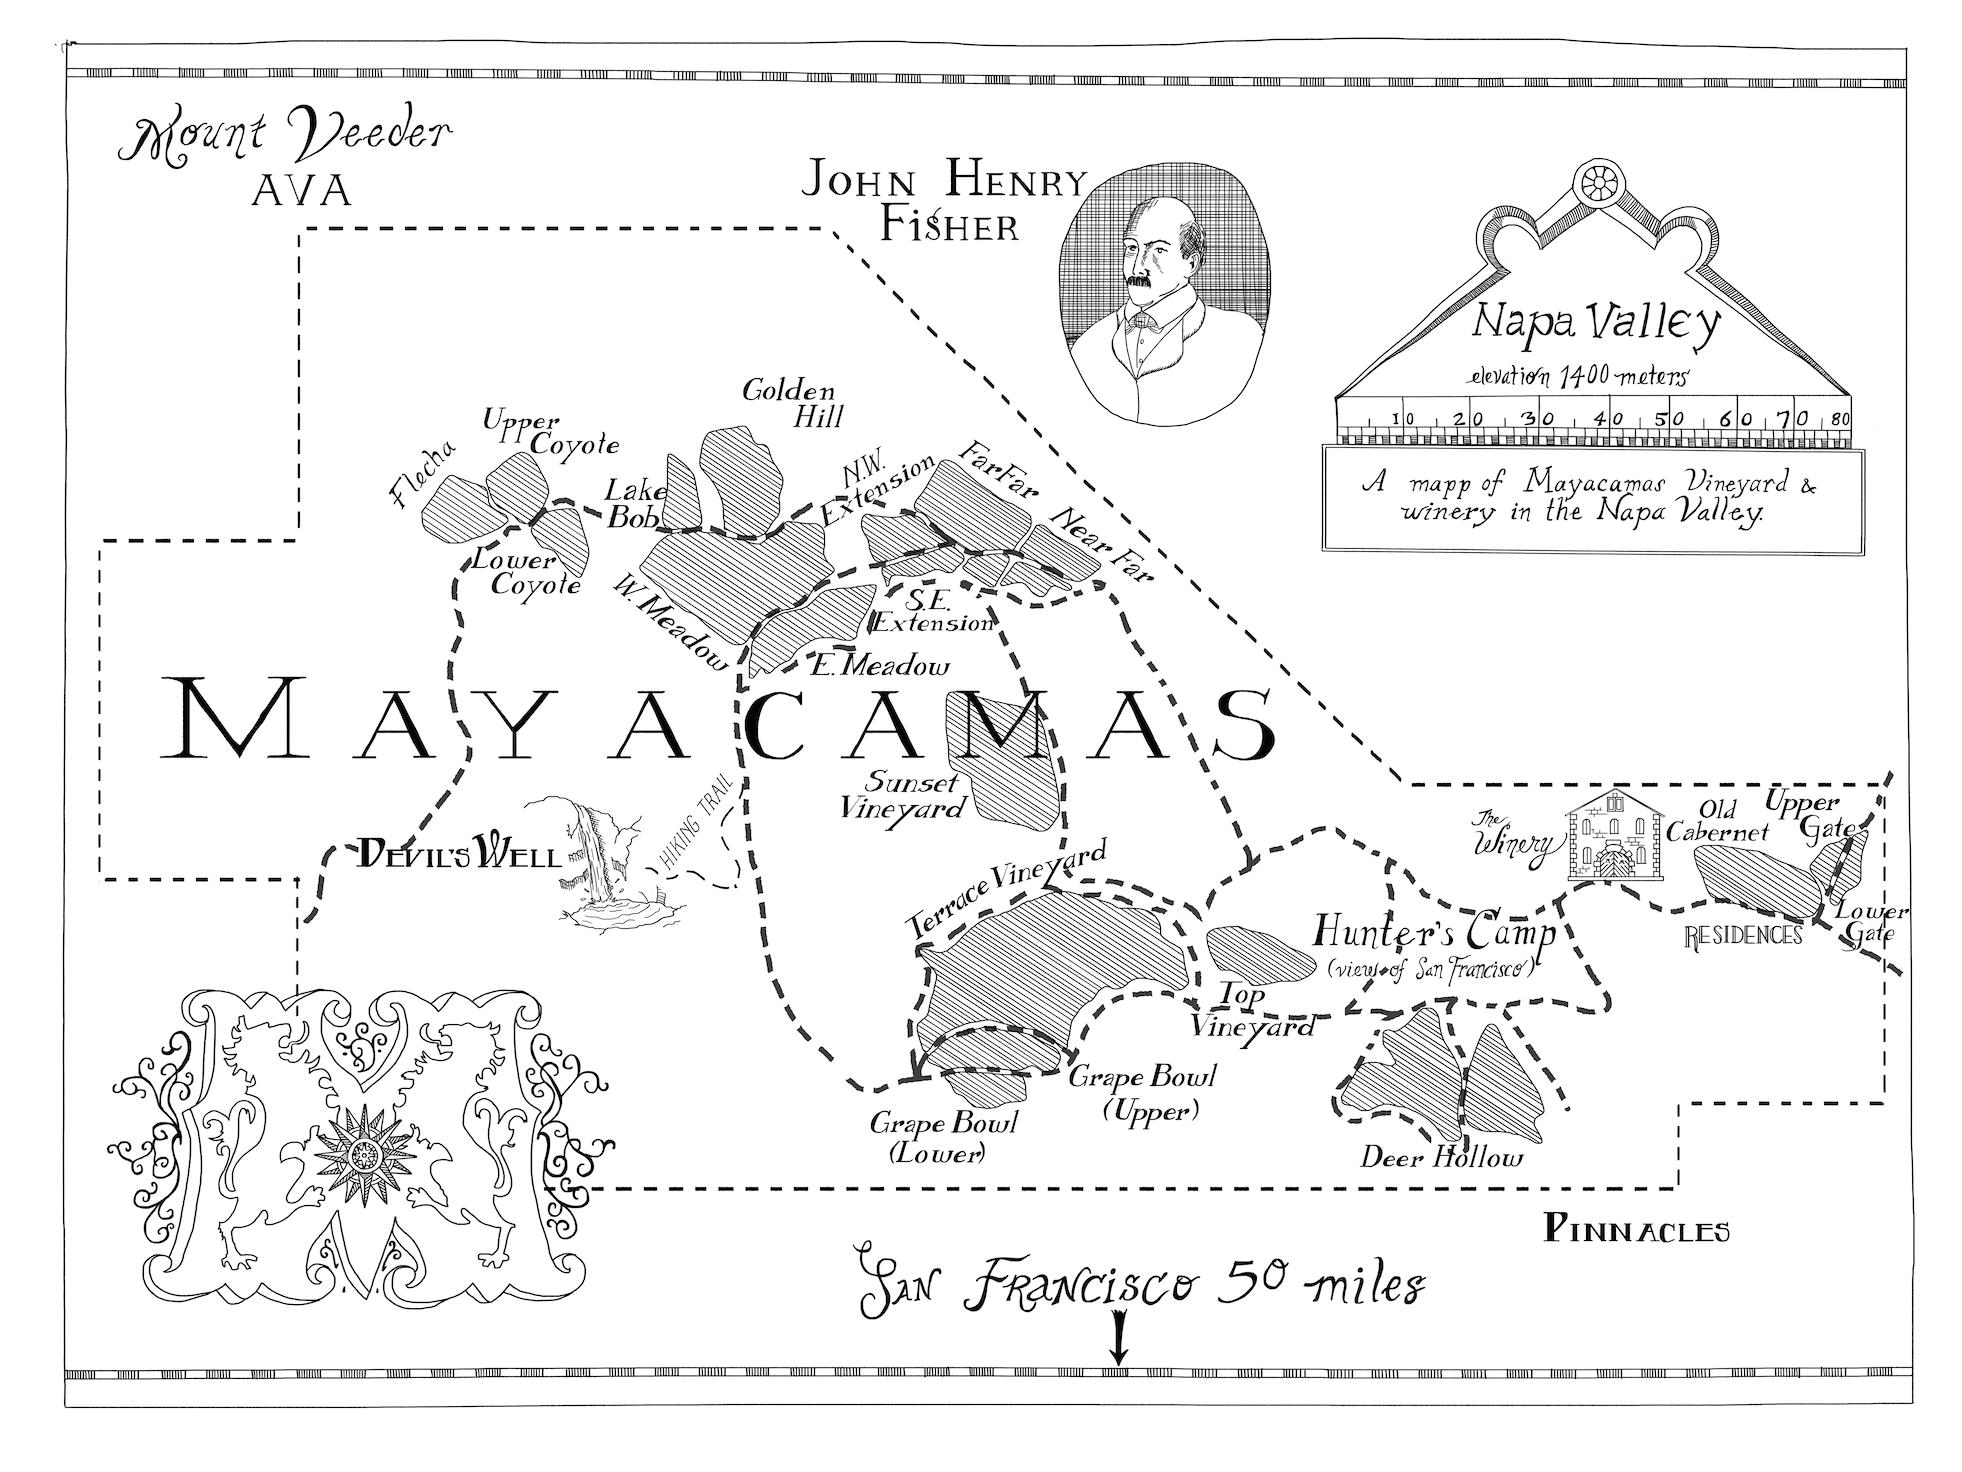 Map of Mayacamas Vineyard in Napa Valley. Made for 6' x 8' wall mounting, below.